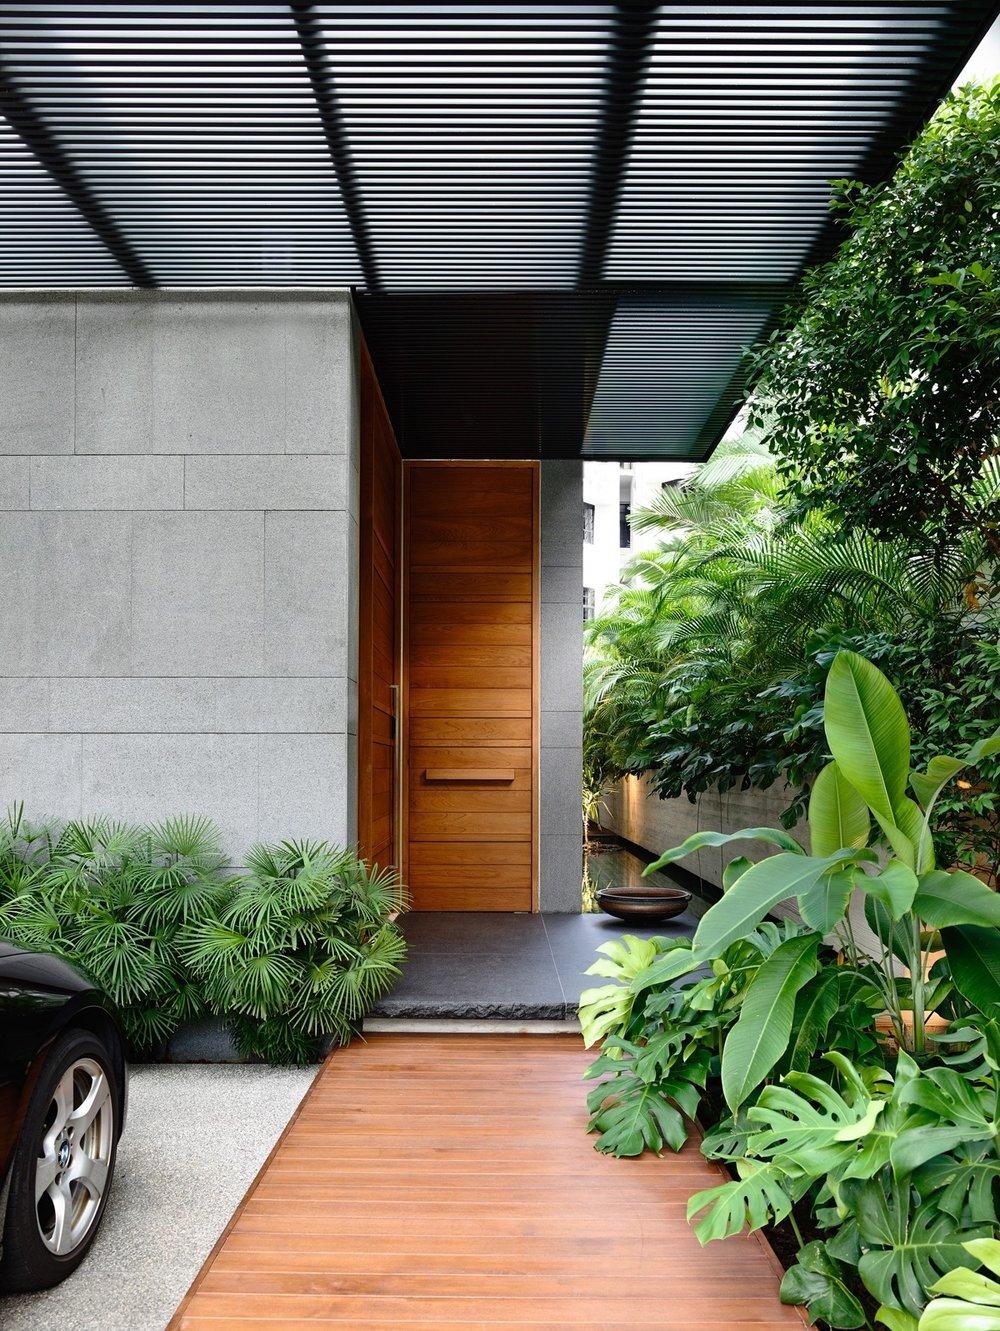 Естествената - Понякога една дървена врата би могла дапридадеестествен характер на бетонните фасадни повърхности. В този пример, една подходяща настилка допълнително разграничава входната врата от павирания паркинги теракотните плочки.